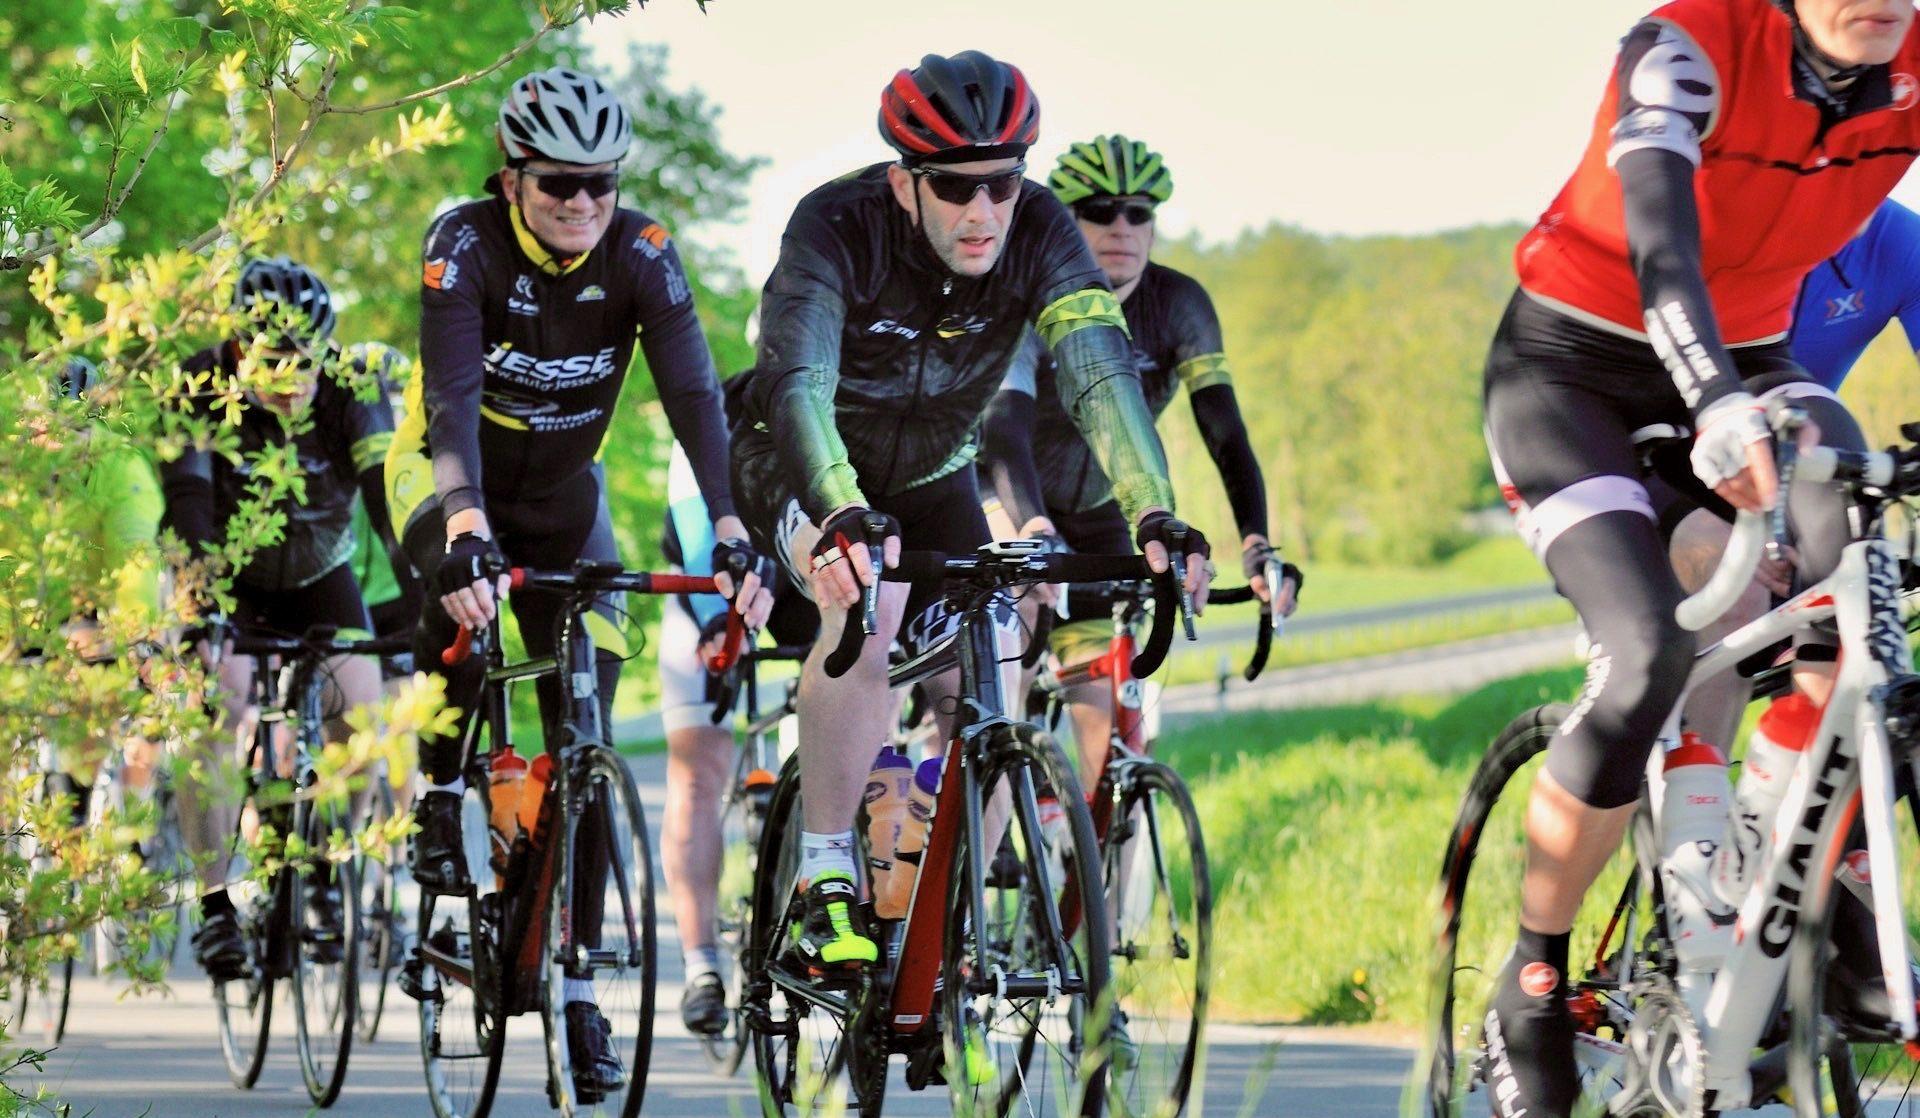 Rennrad-Einsteigerkurs mit Marathon Ibbenbüren